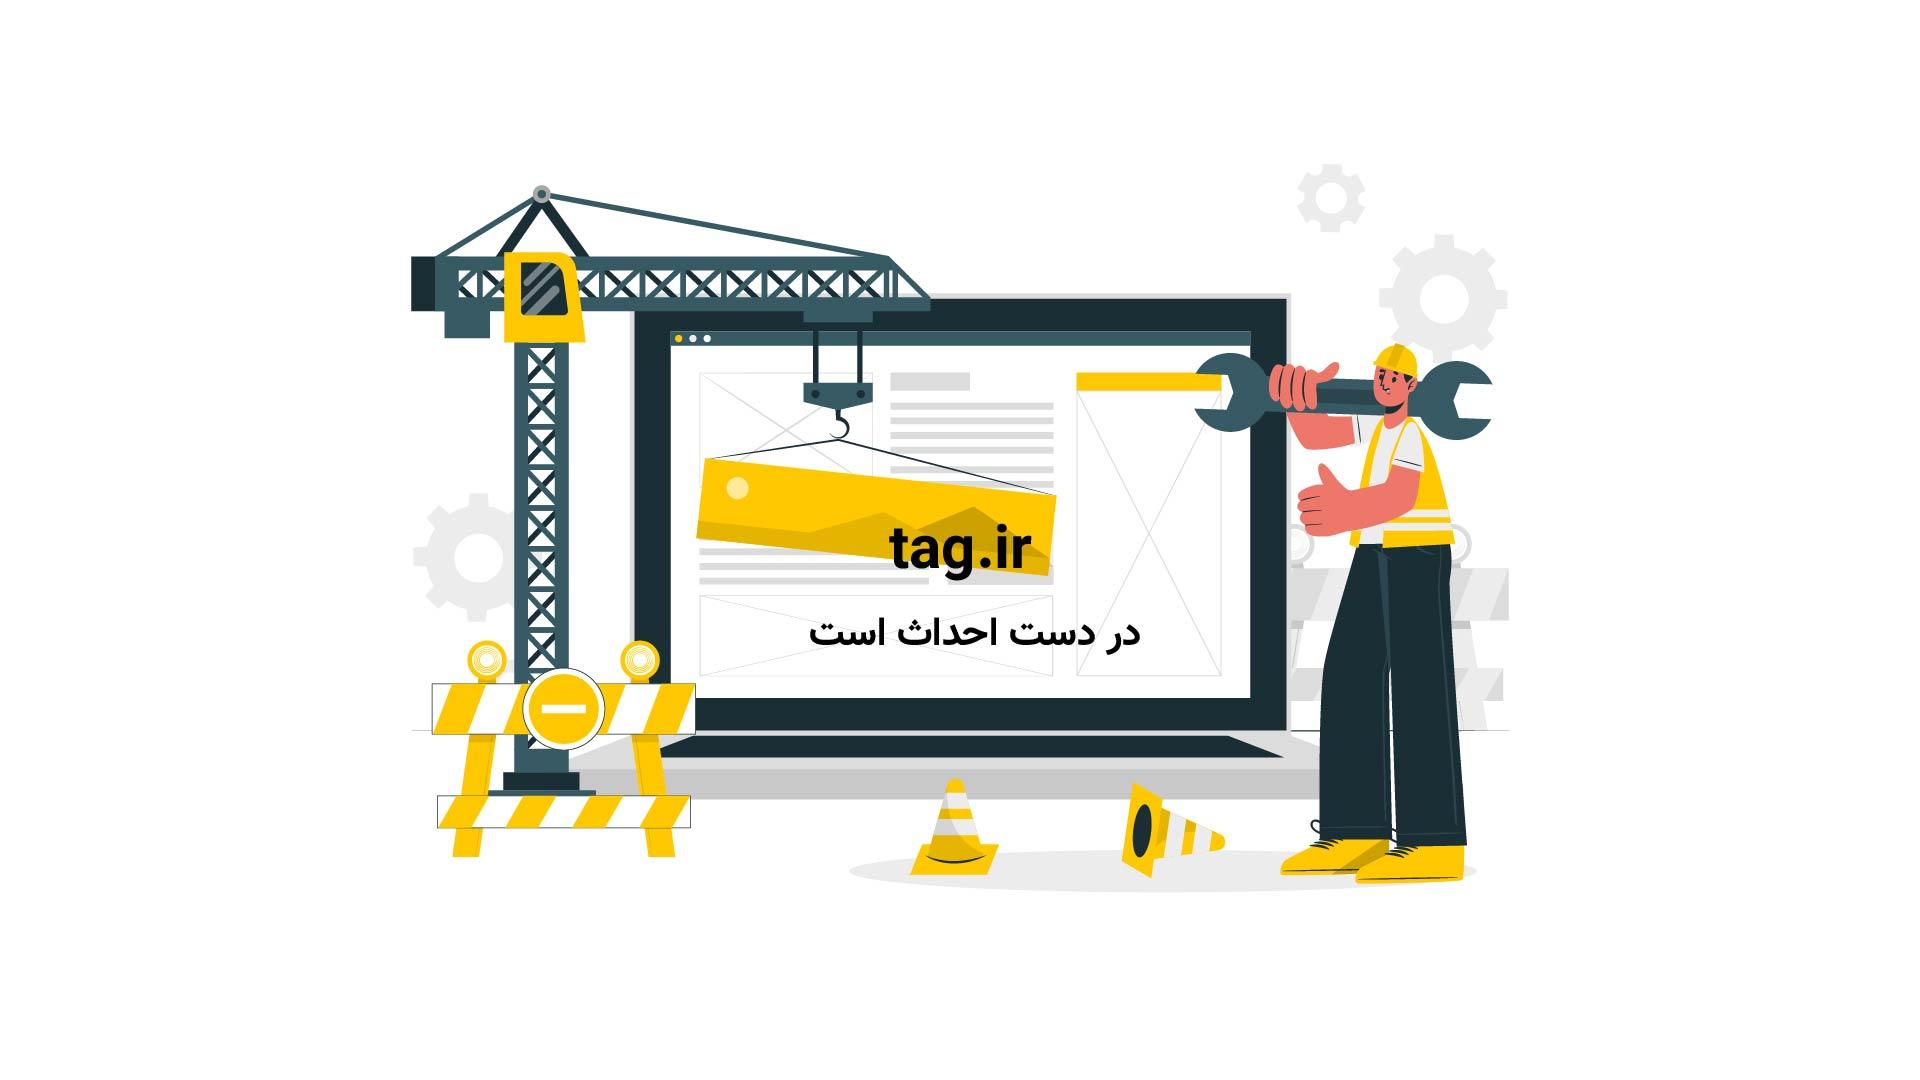 آموزش کشیدن قطار | تگ